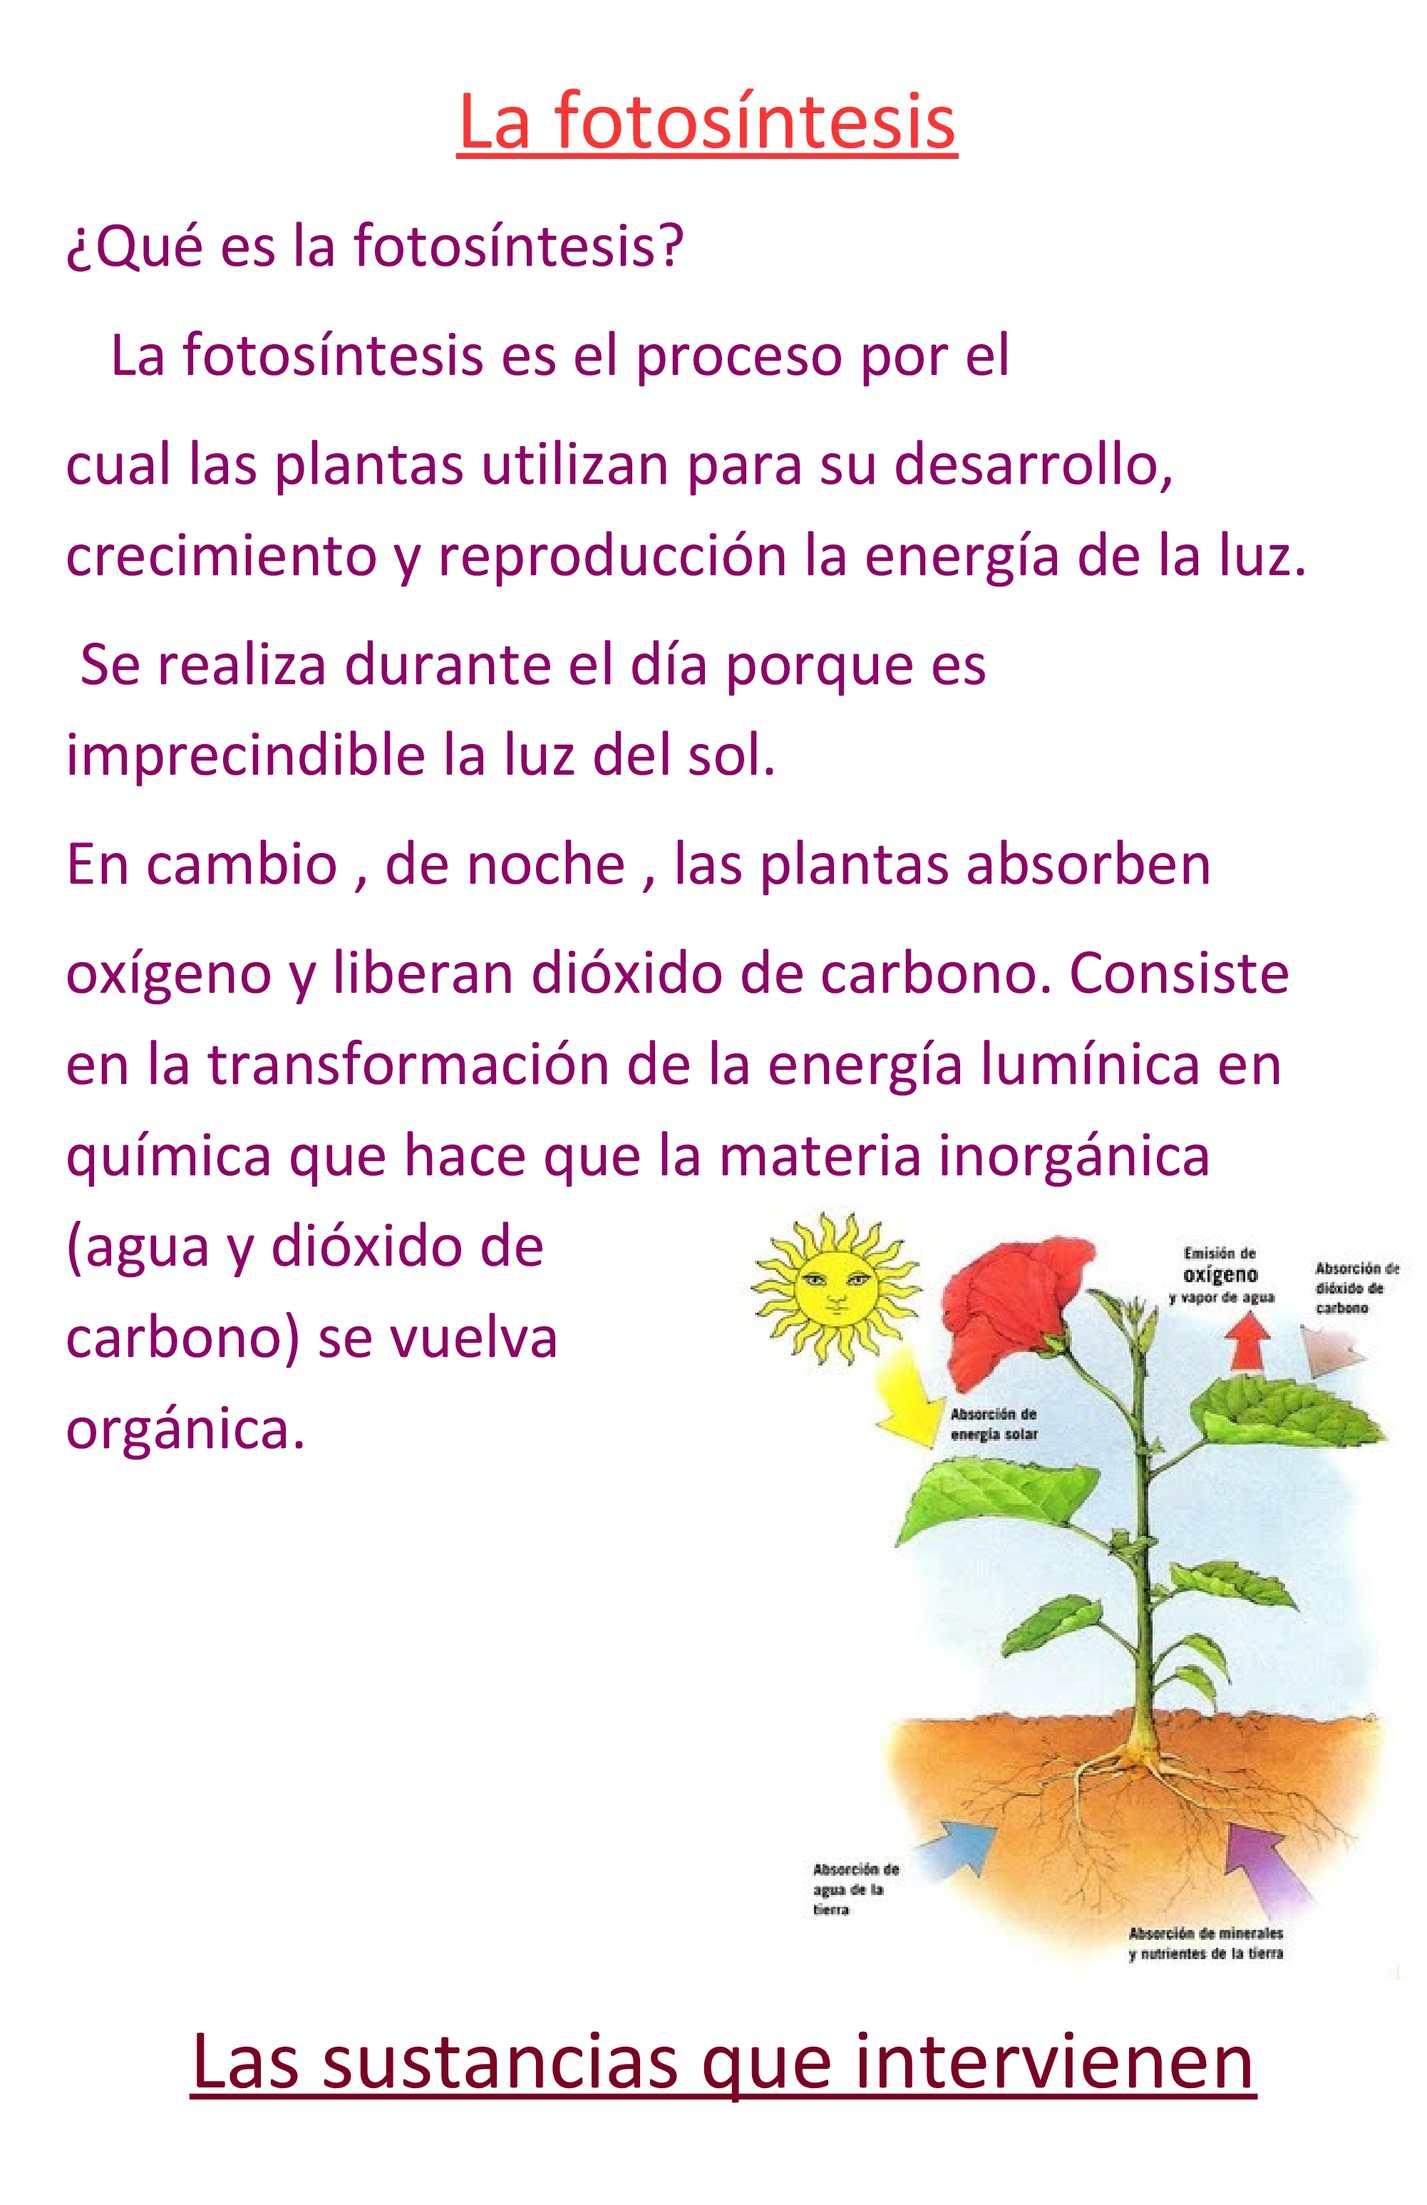 El proceso de la fotosintesis en la noche 40